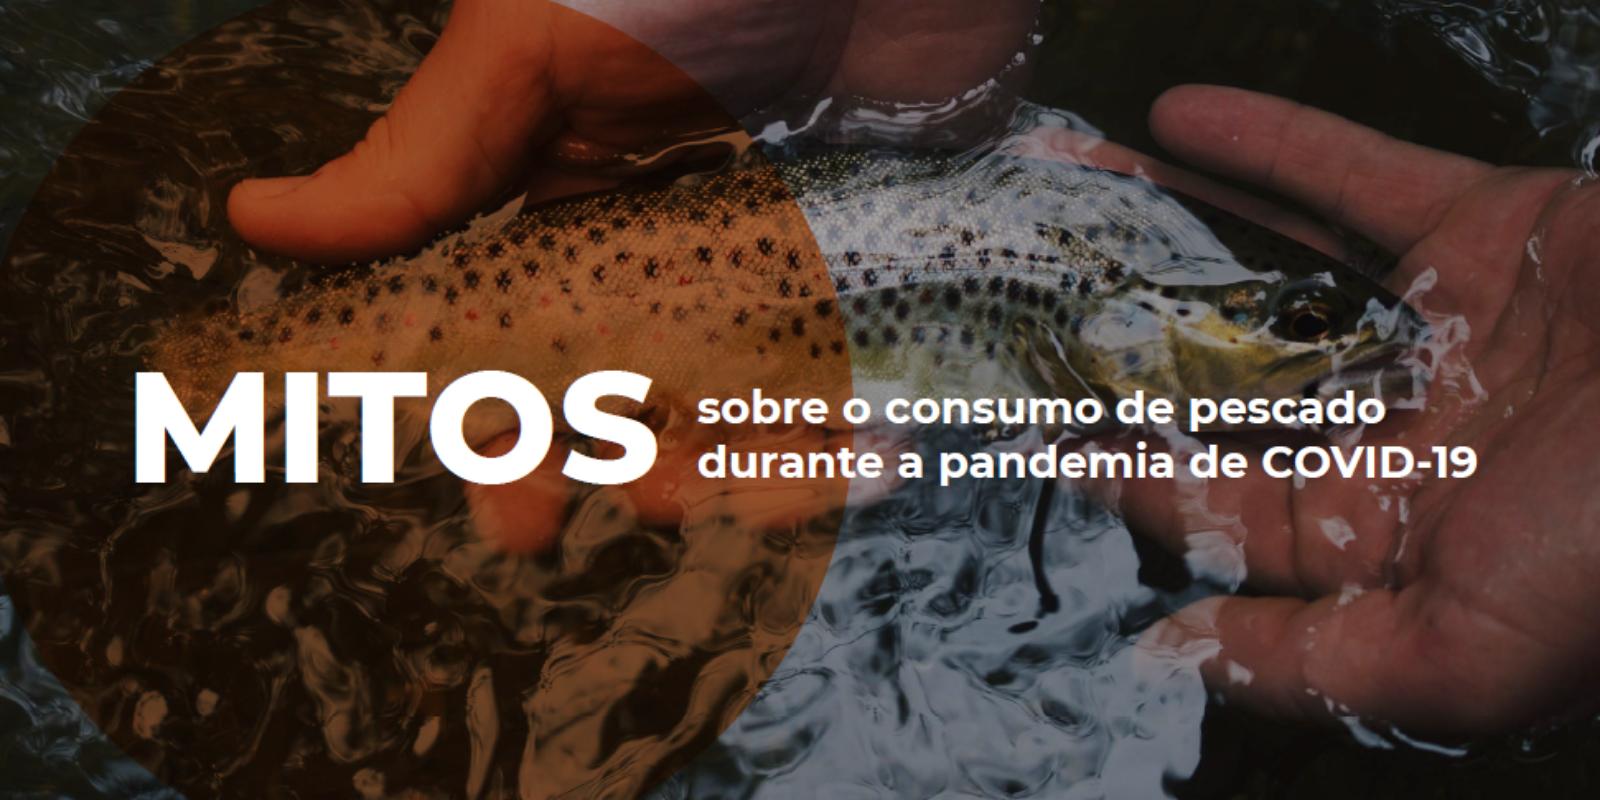 Imagem: Informativo: Mitos sobre o consumo de pescado durante a pandemia de COVID-19